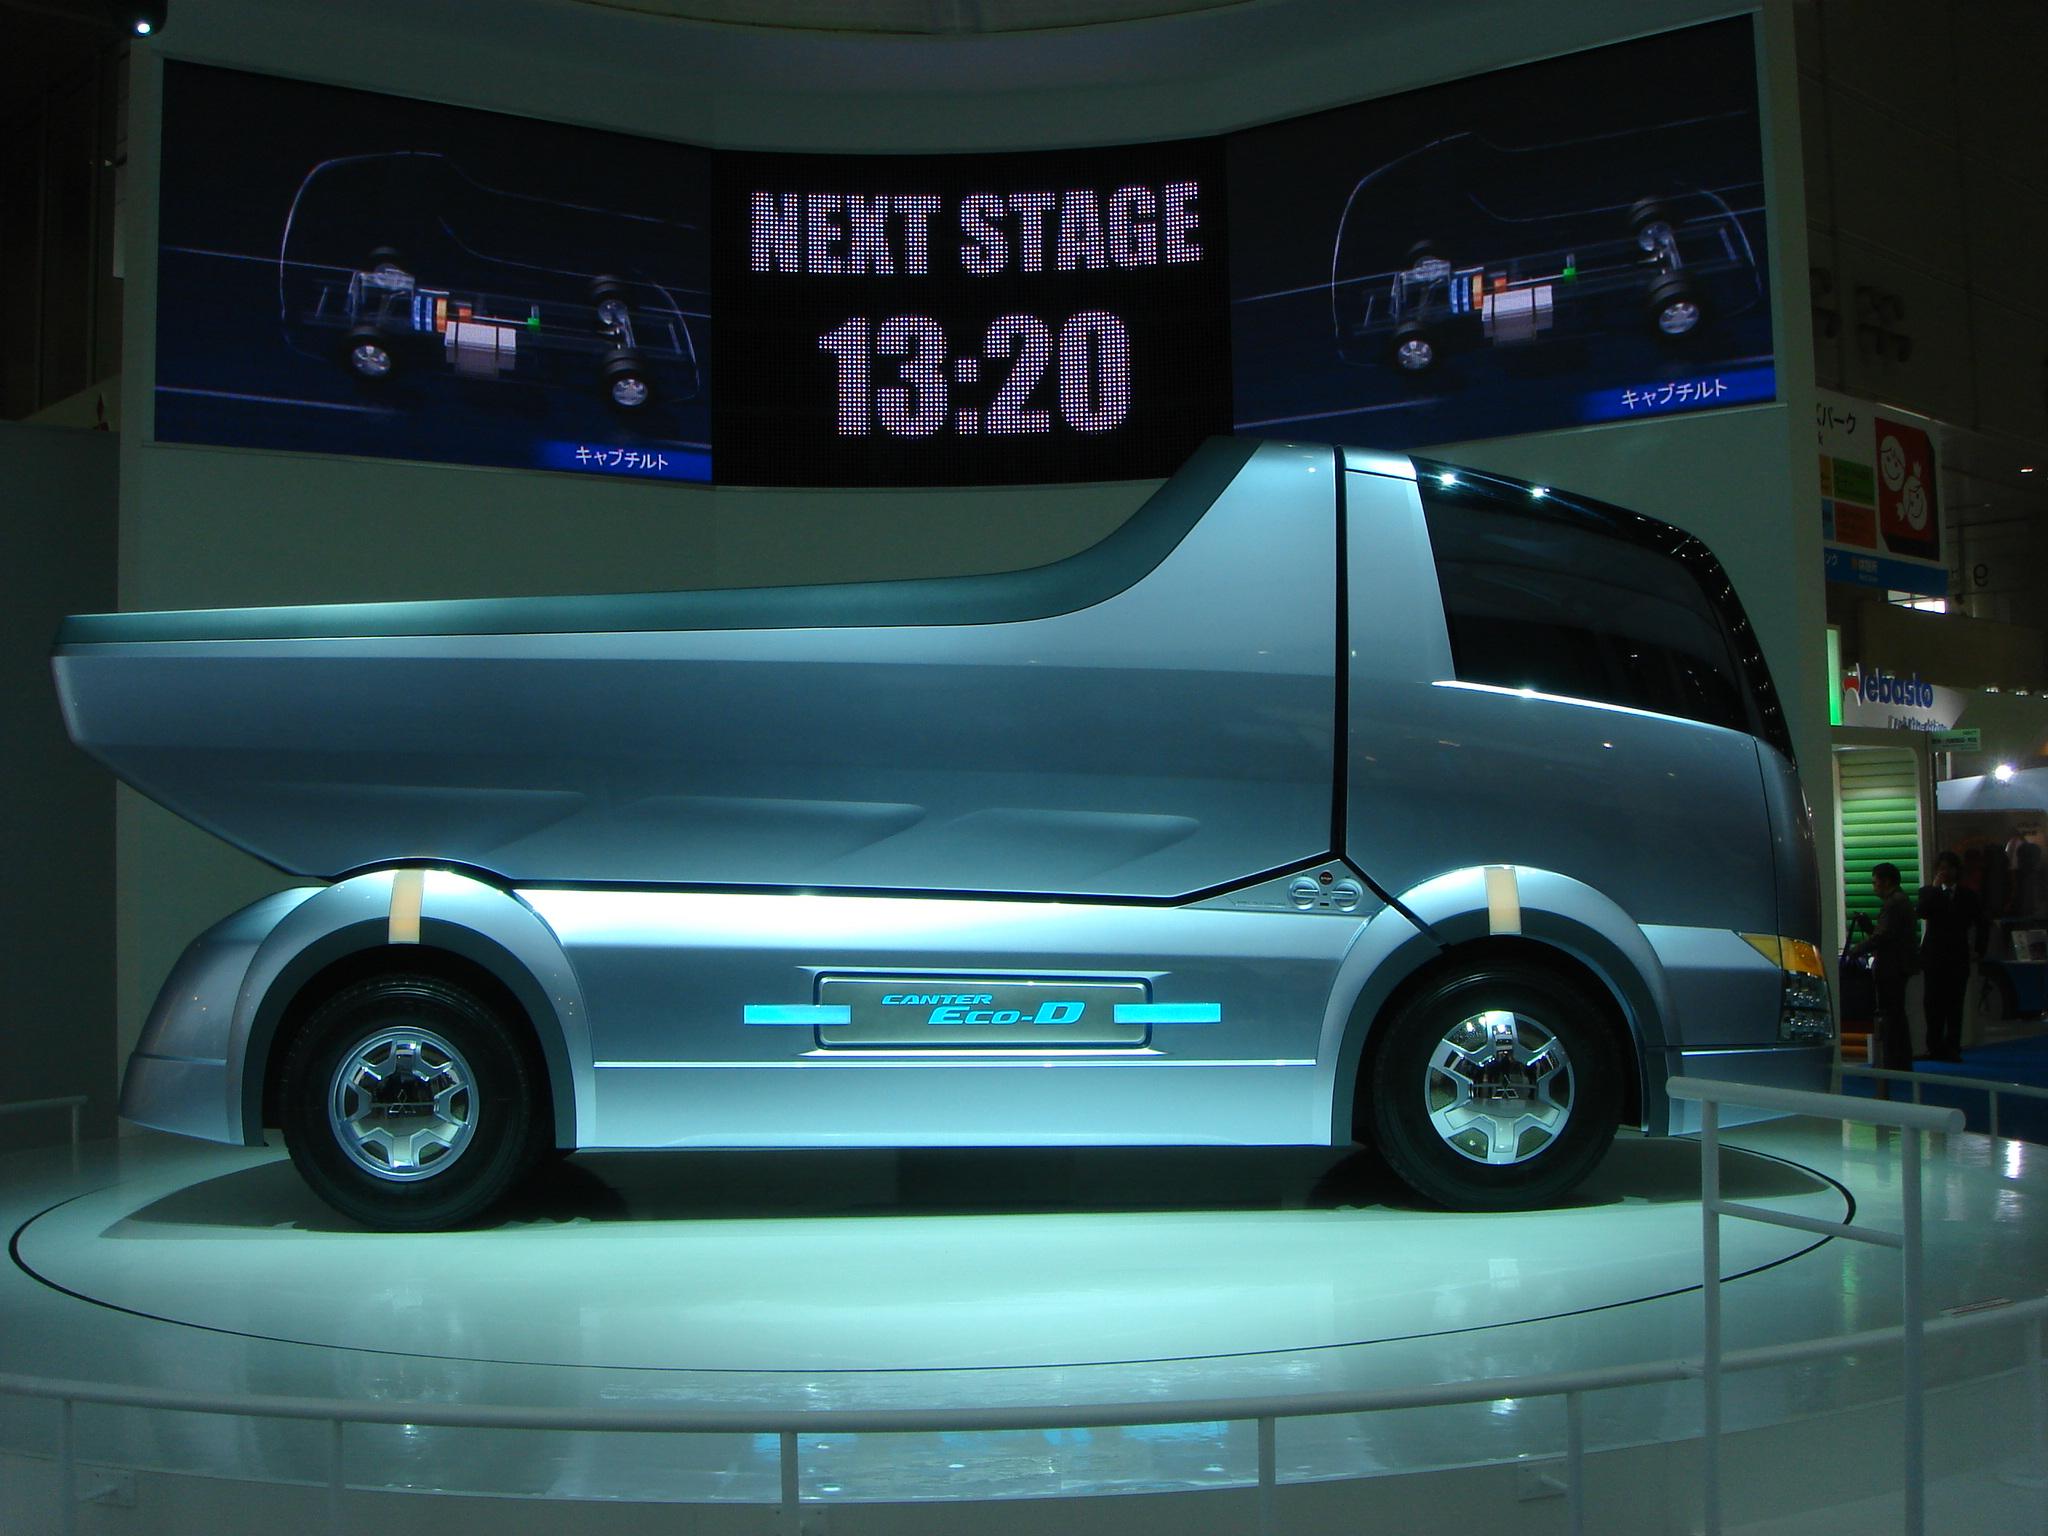 071030012 これトラックだ! なんともスタイリッシュで優雅なトラック こんなトラッ...